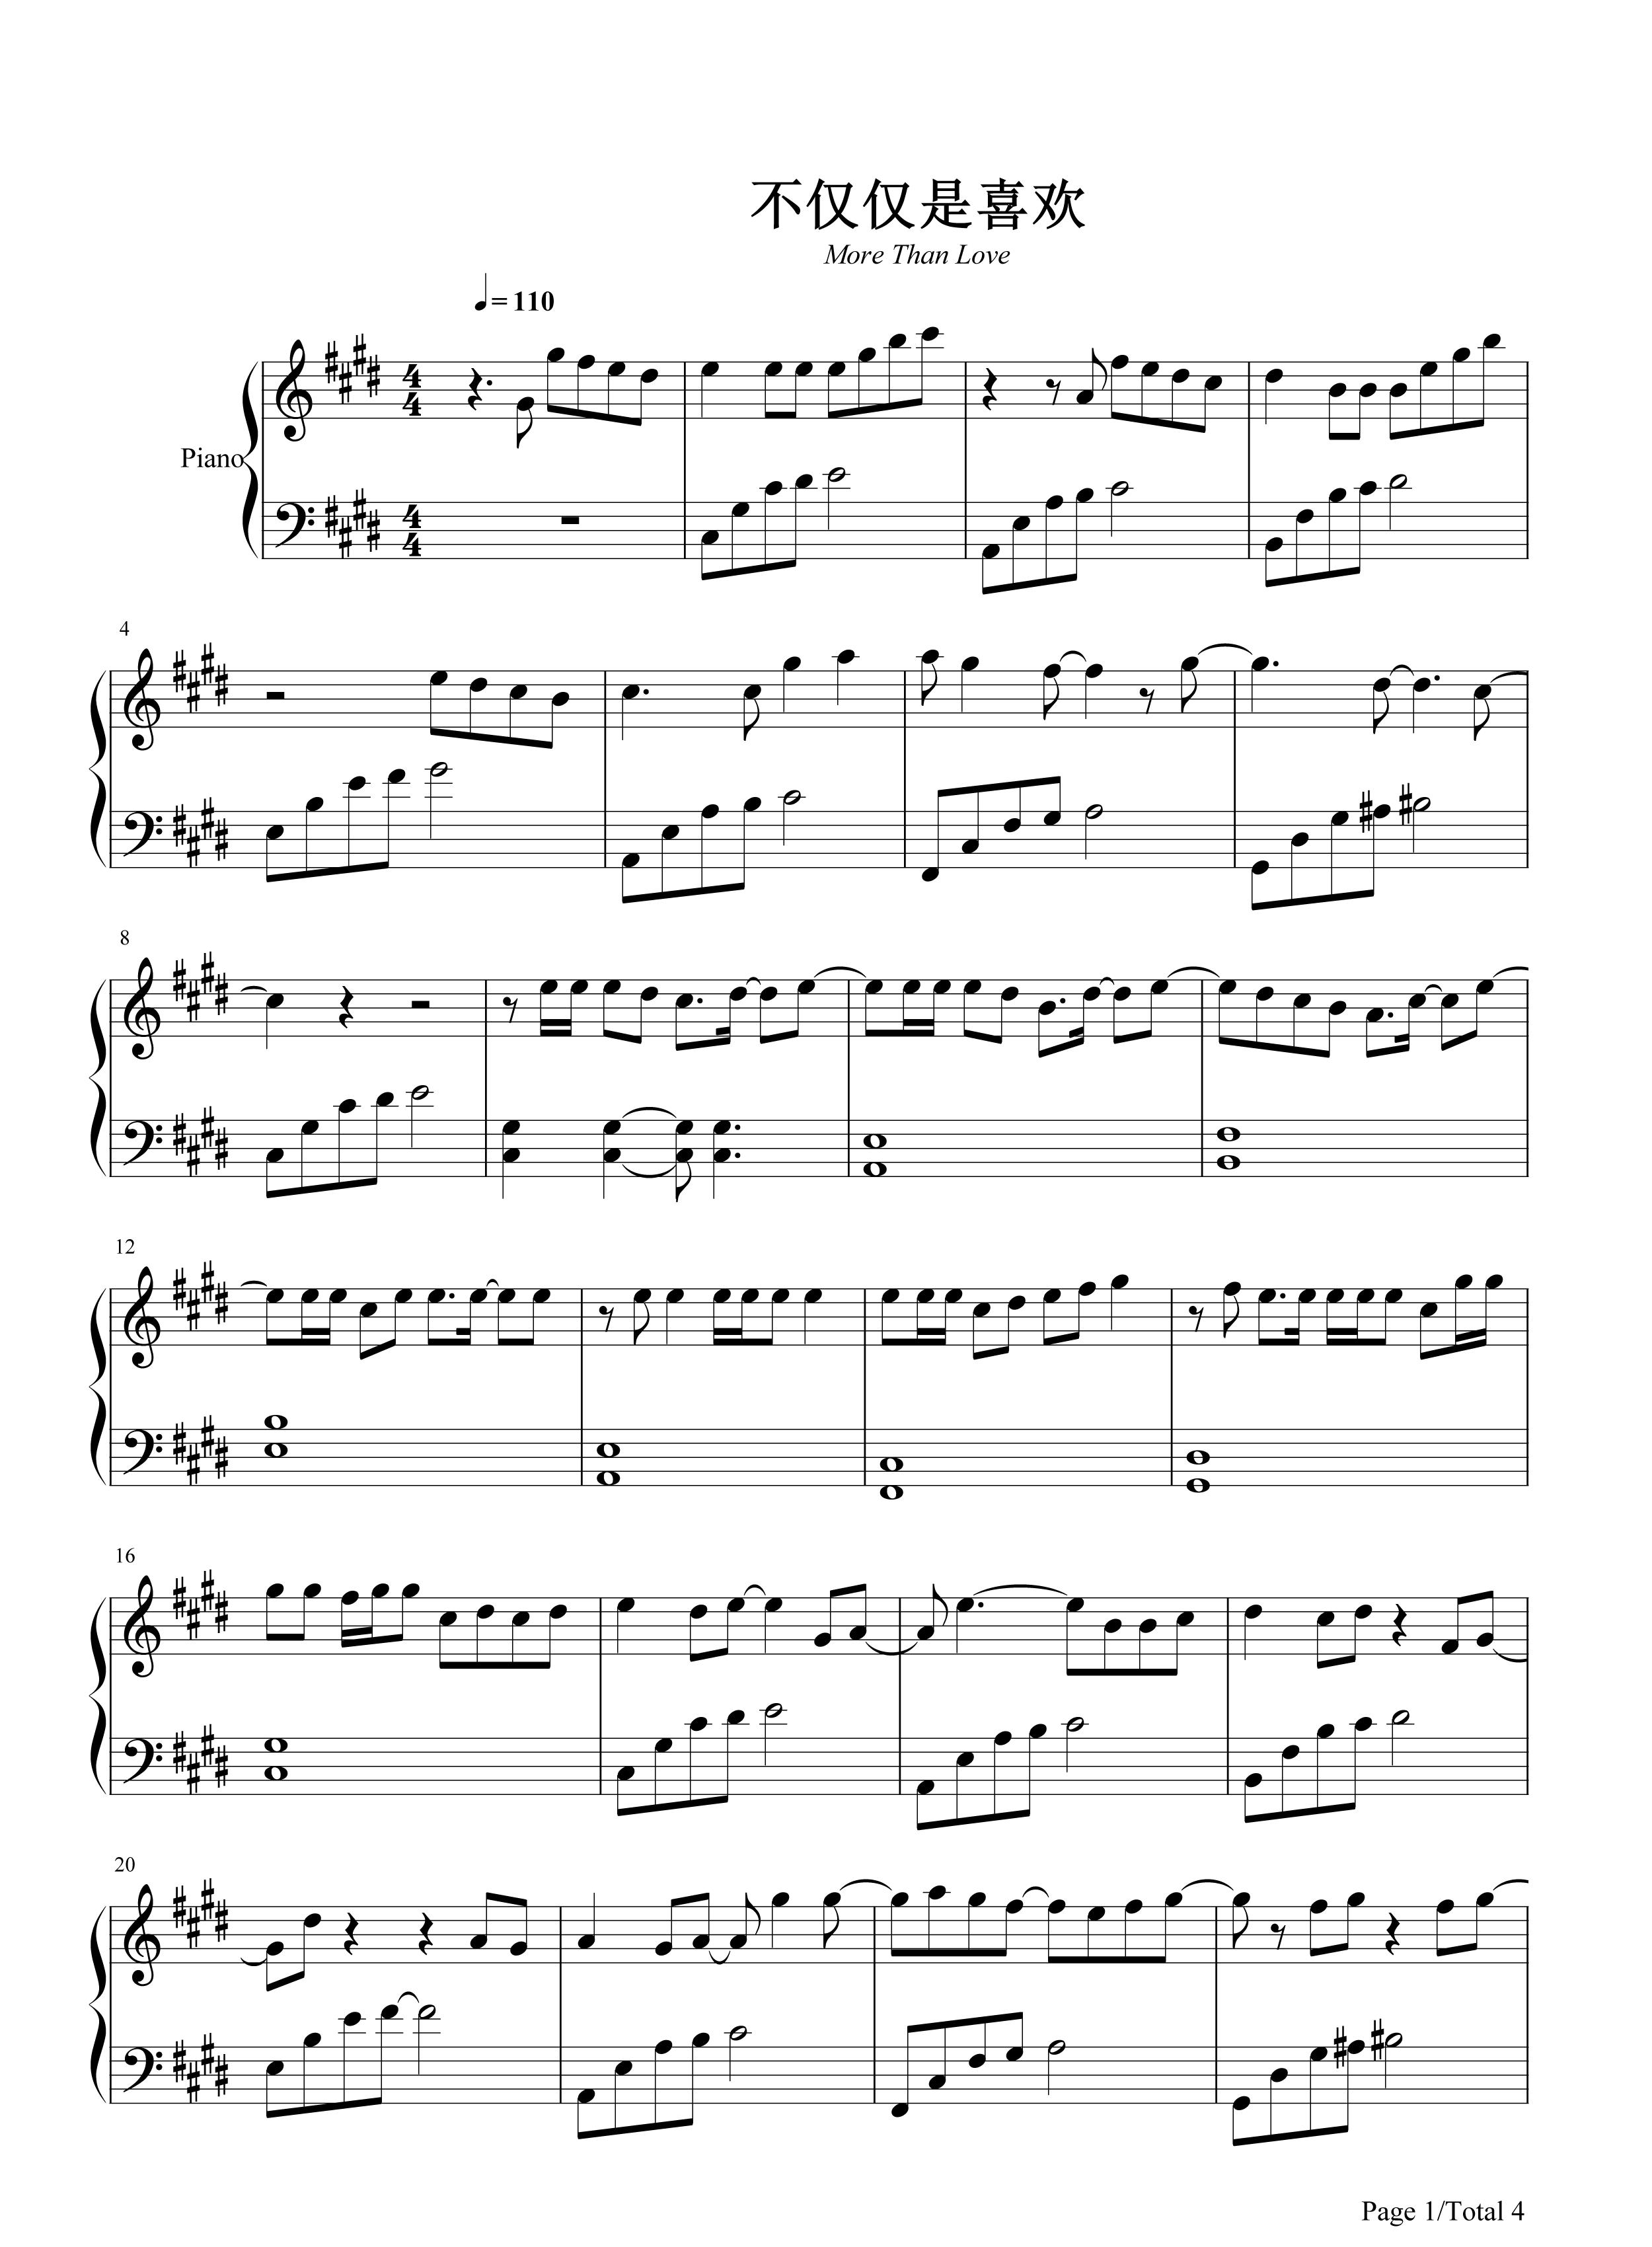 仅是喜欢钢琴谱五线谱歌词 歌词大全 表情